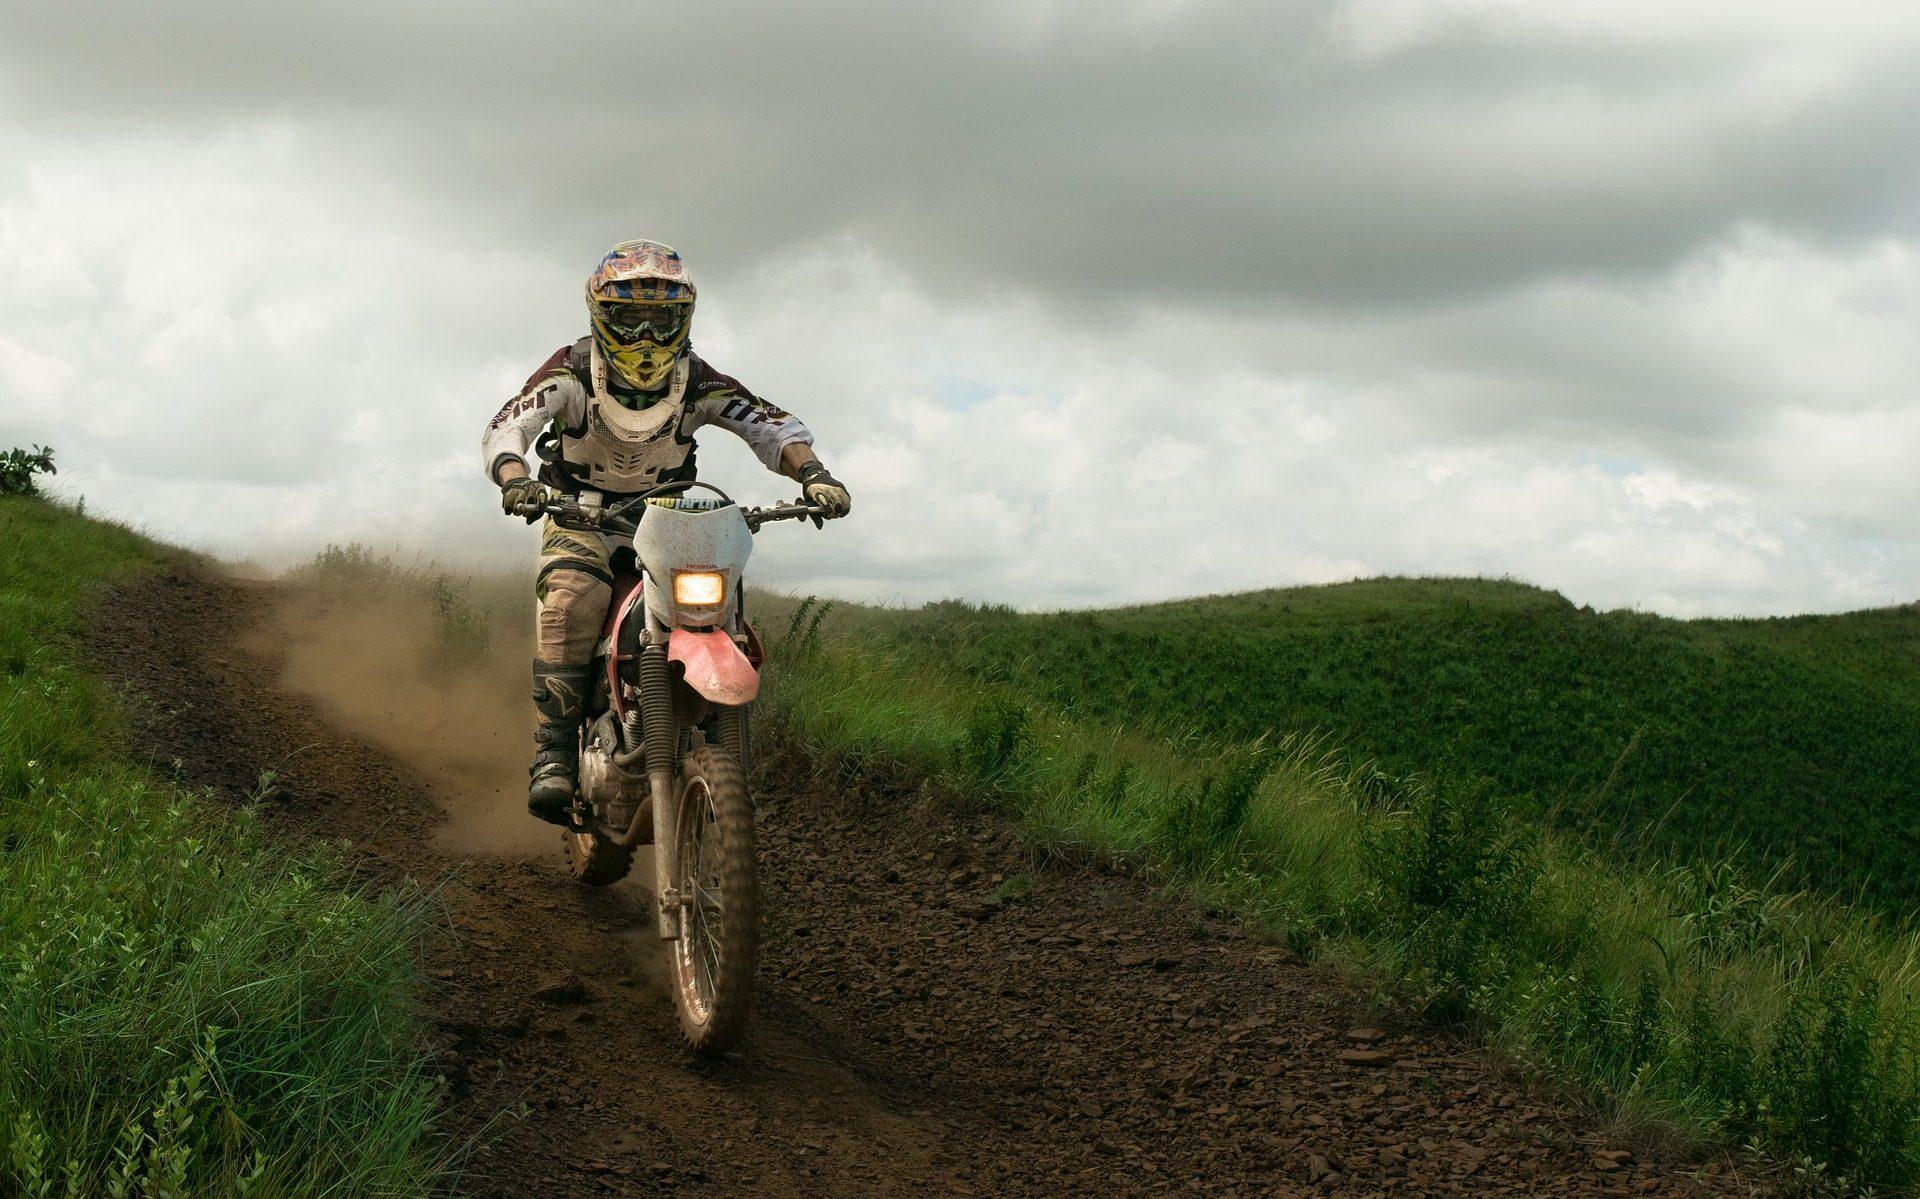 moto, Motocross, domaine, Route, nuages - Fonds d'écran HD - Professor-falken.com